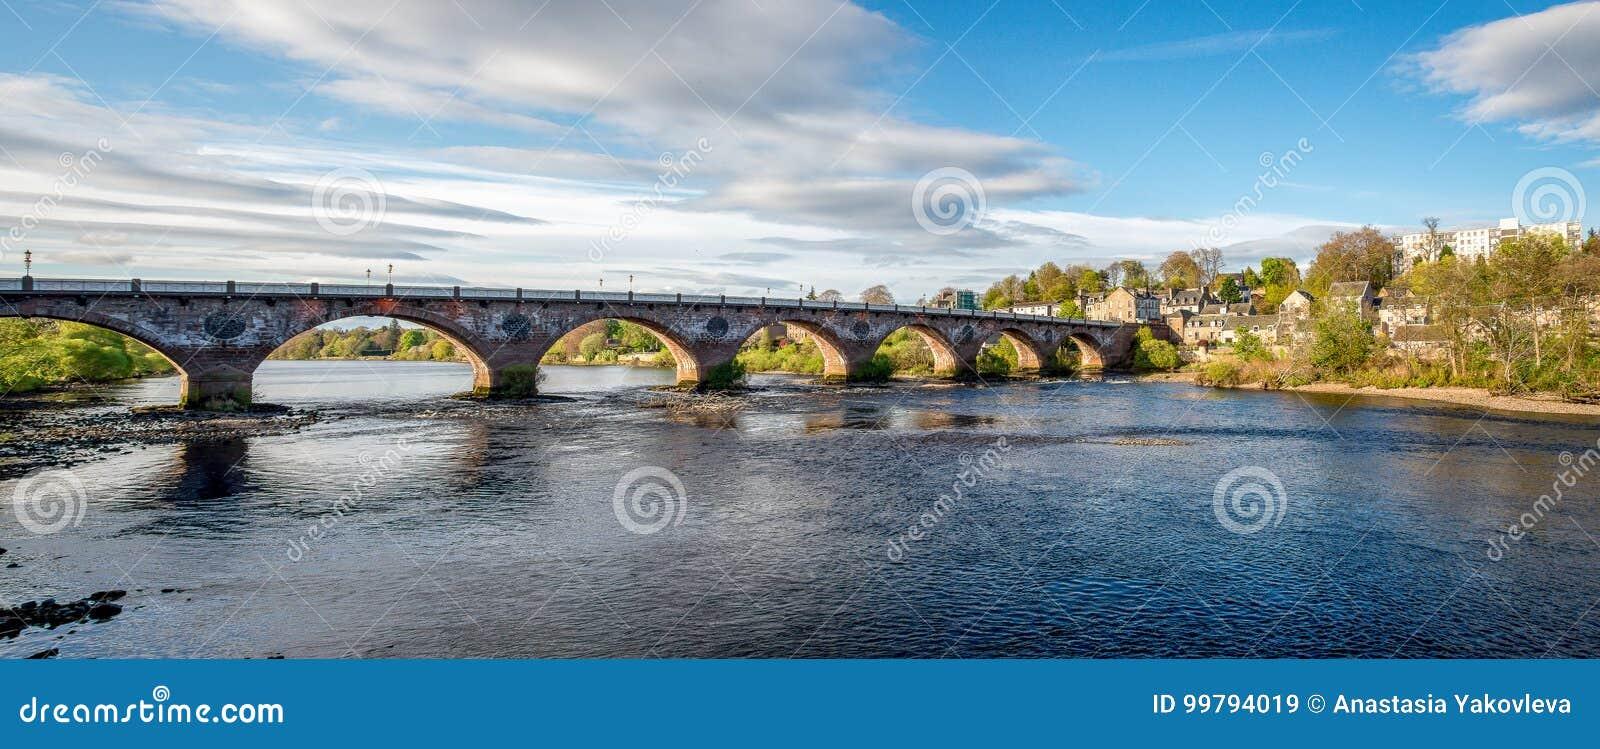 Ponte ad ovest incurvato scenico attraverso il fiume Tay nella città di Perth